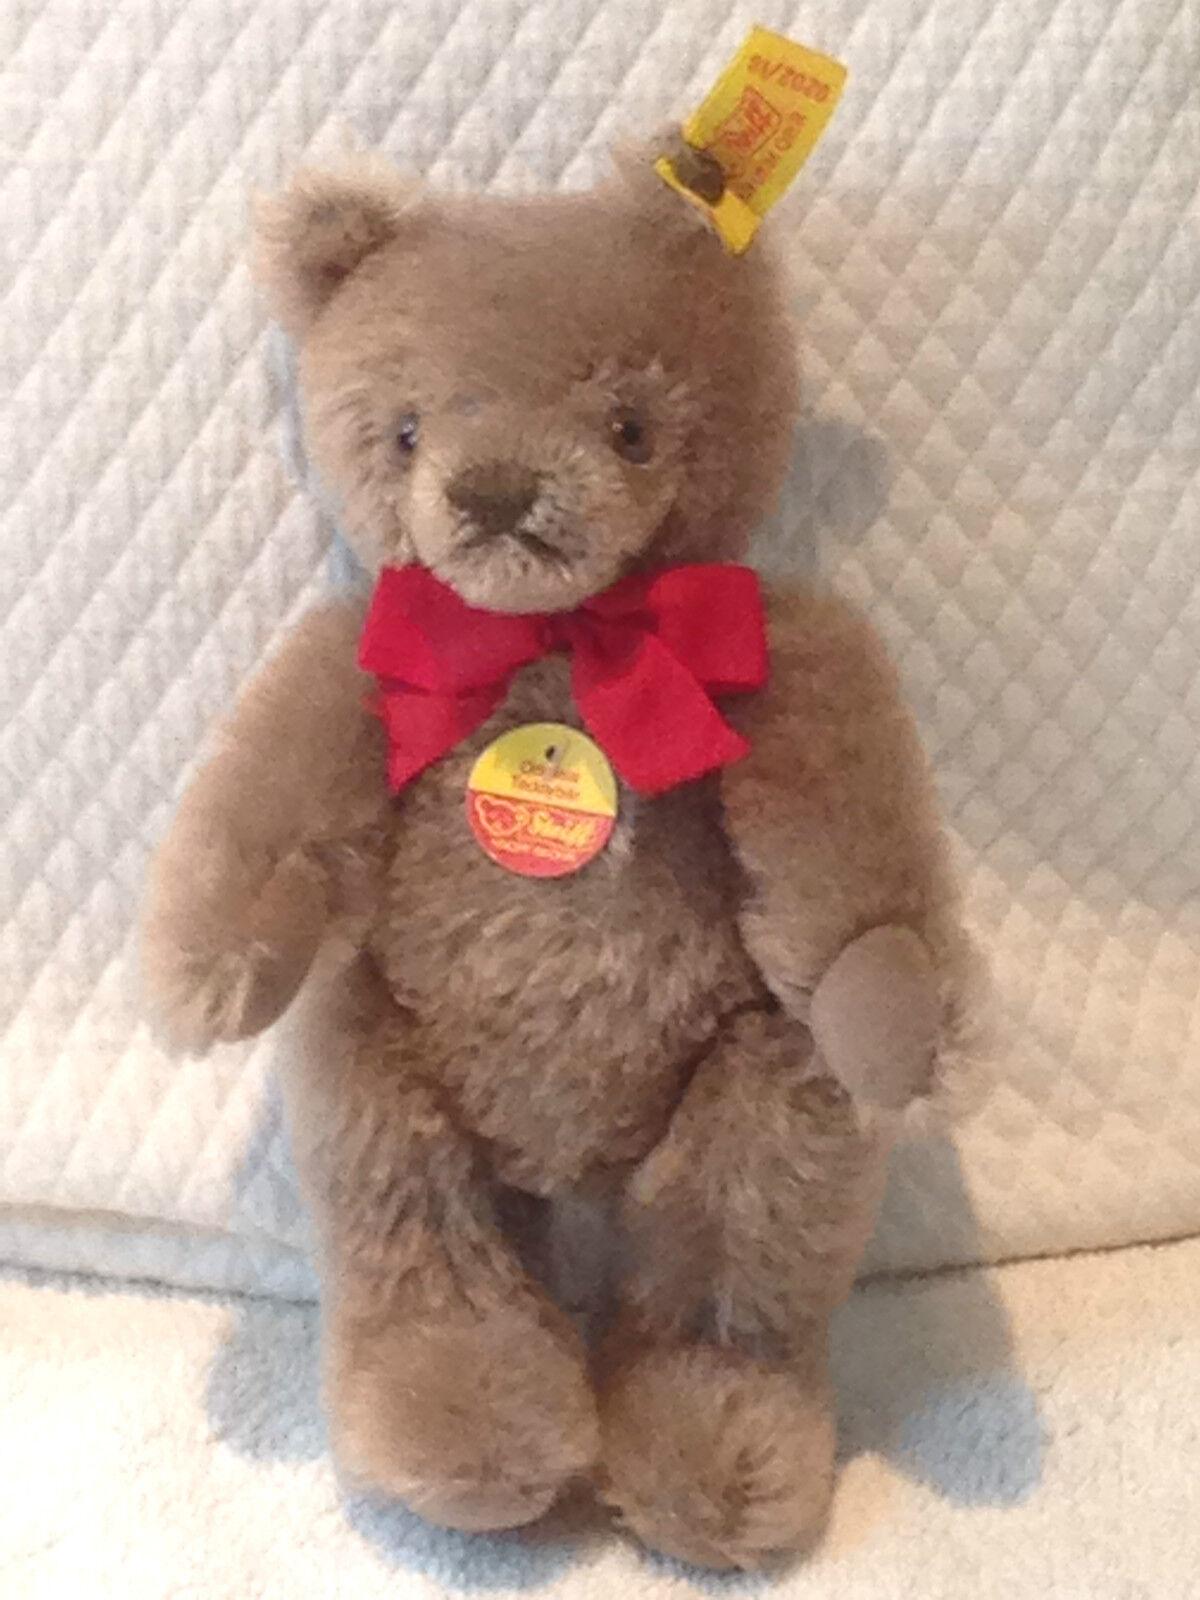 ❤STEIFF ORIGINAL TEDDY BEAR 0202 18 IDs JOINTED 7  1983-93 CARMEL MOHAIR VTG❤